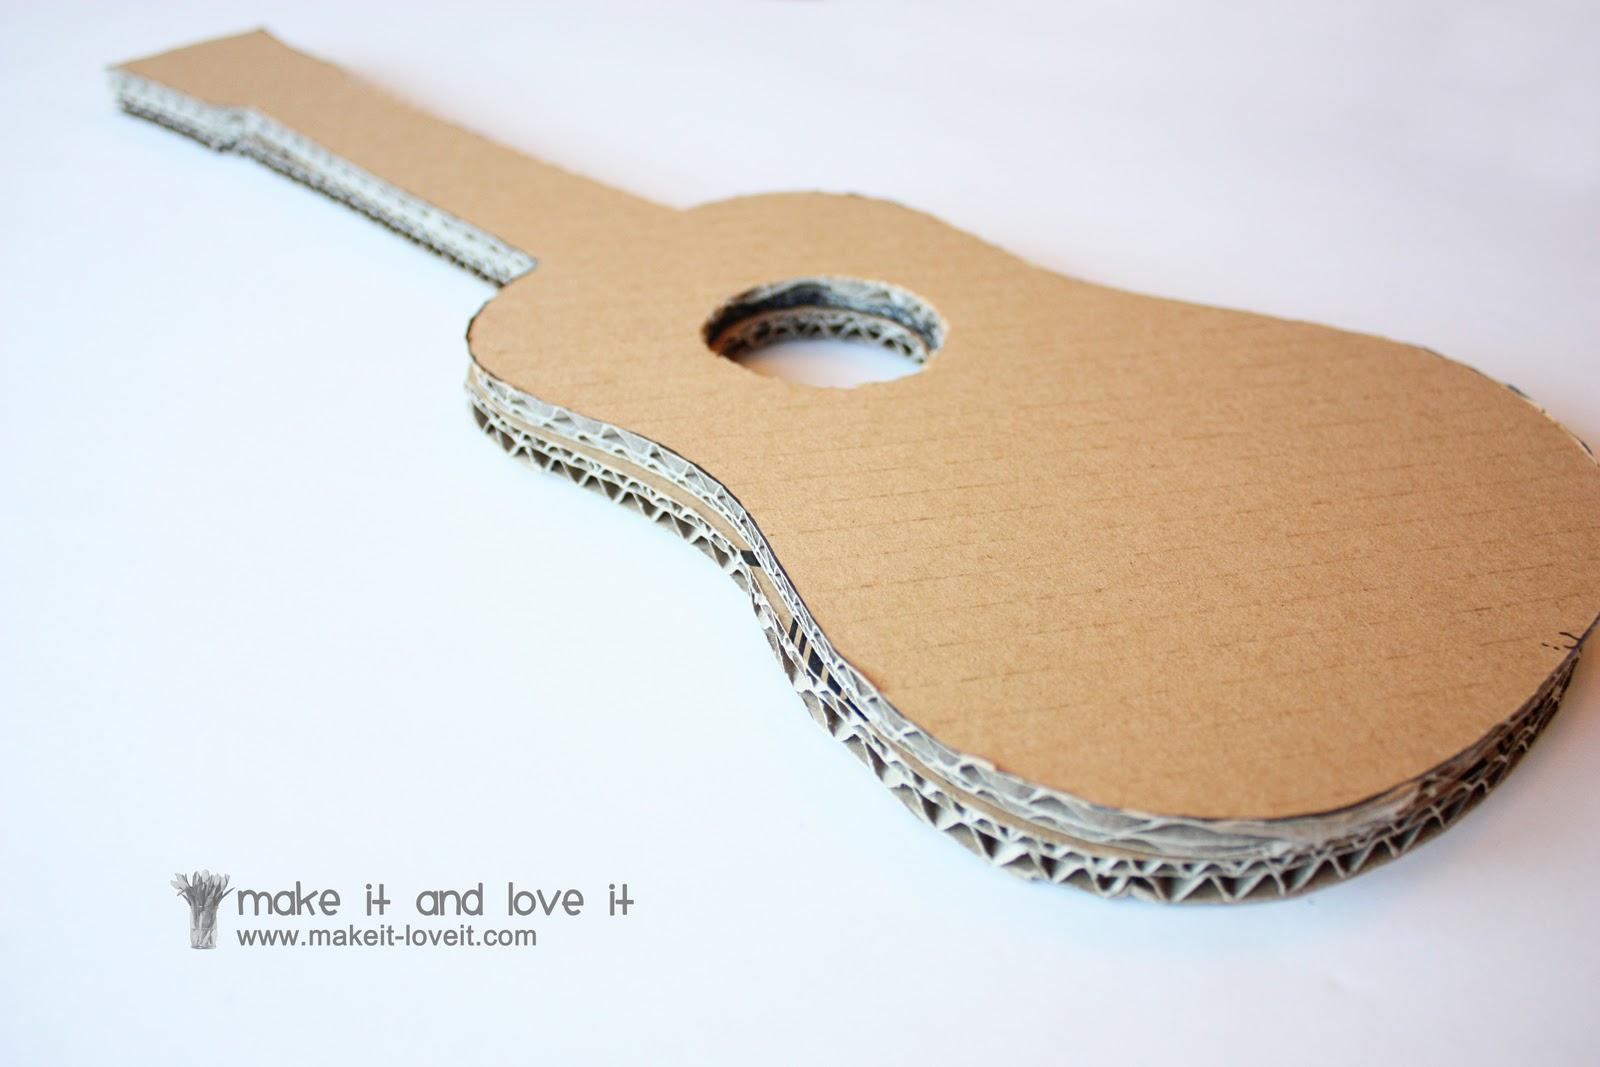 Гитара из своими руками пошаговое